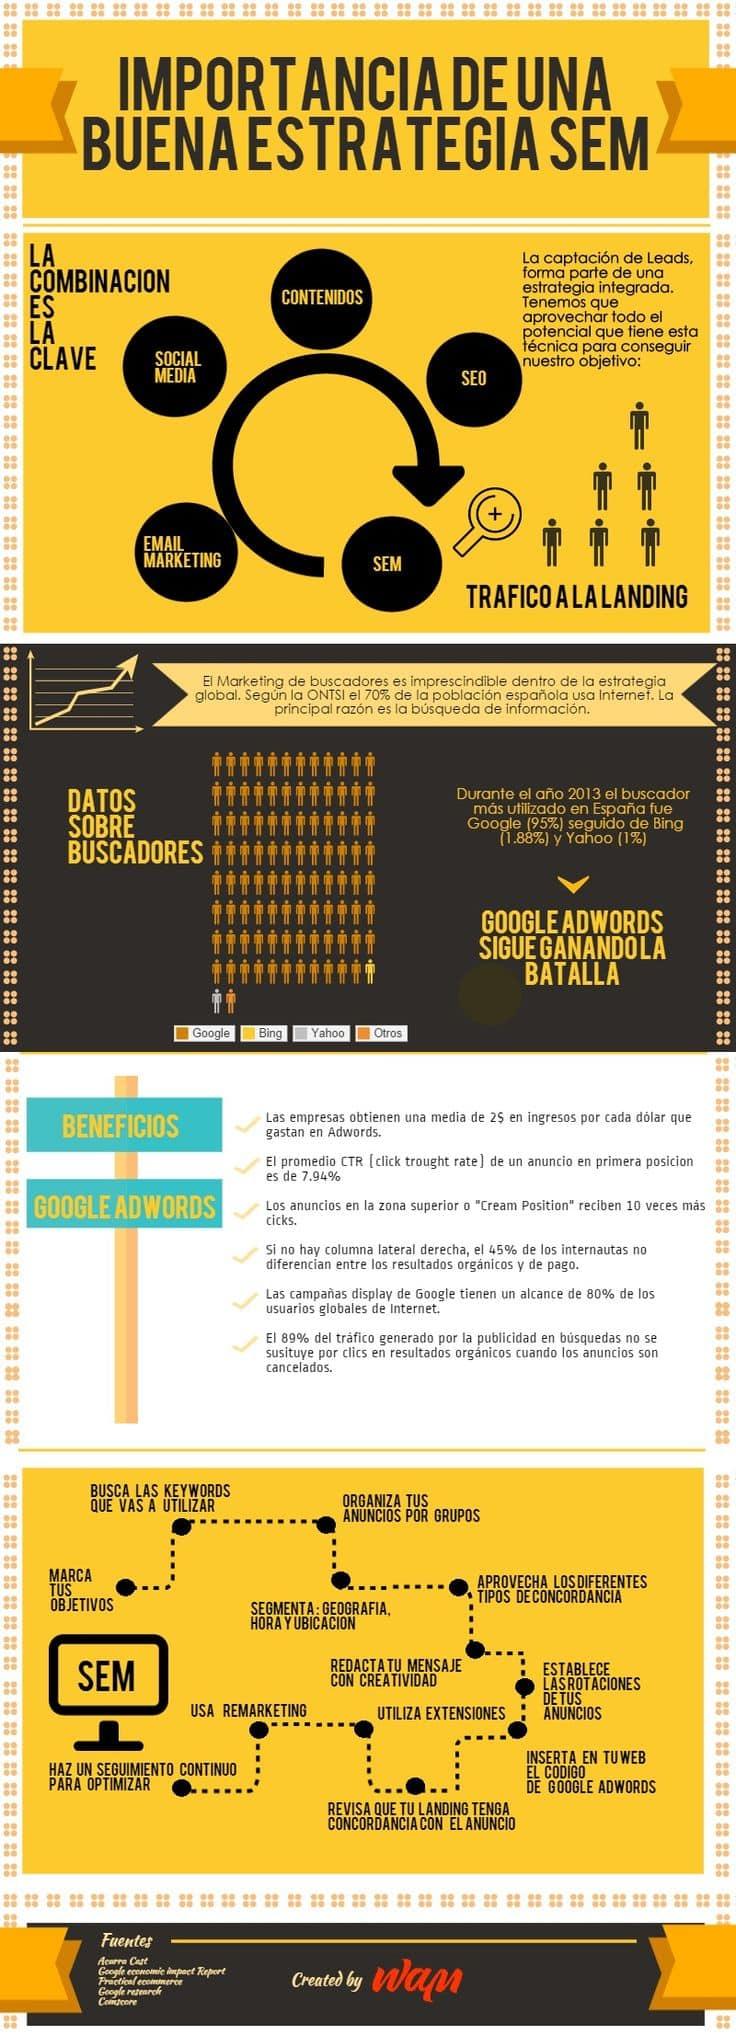 Infografia SEM